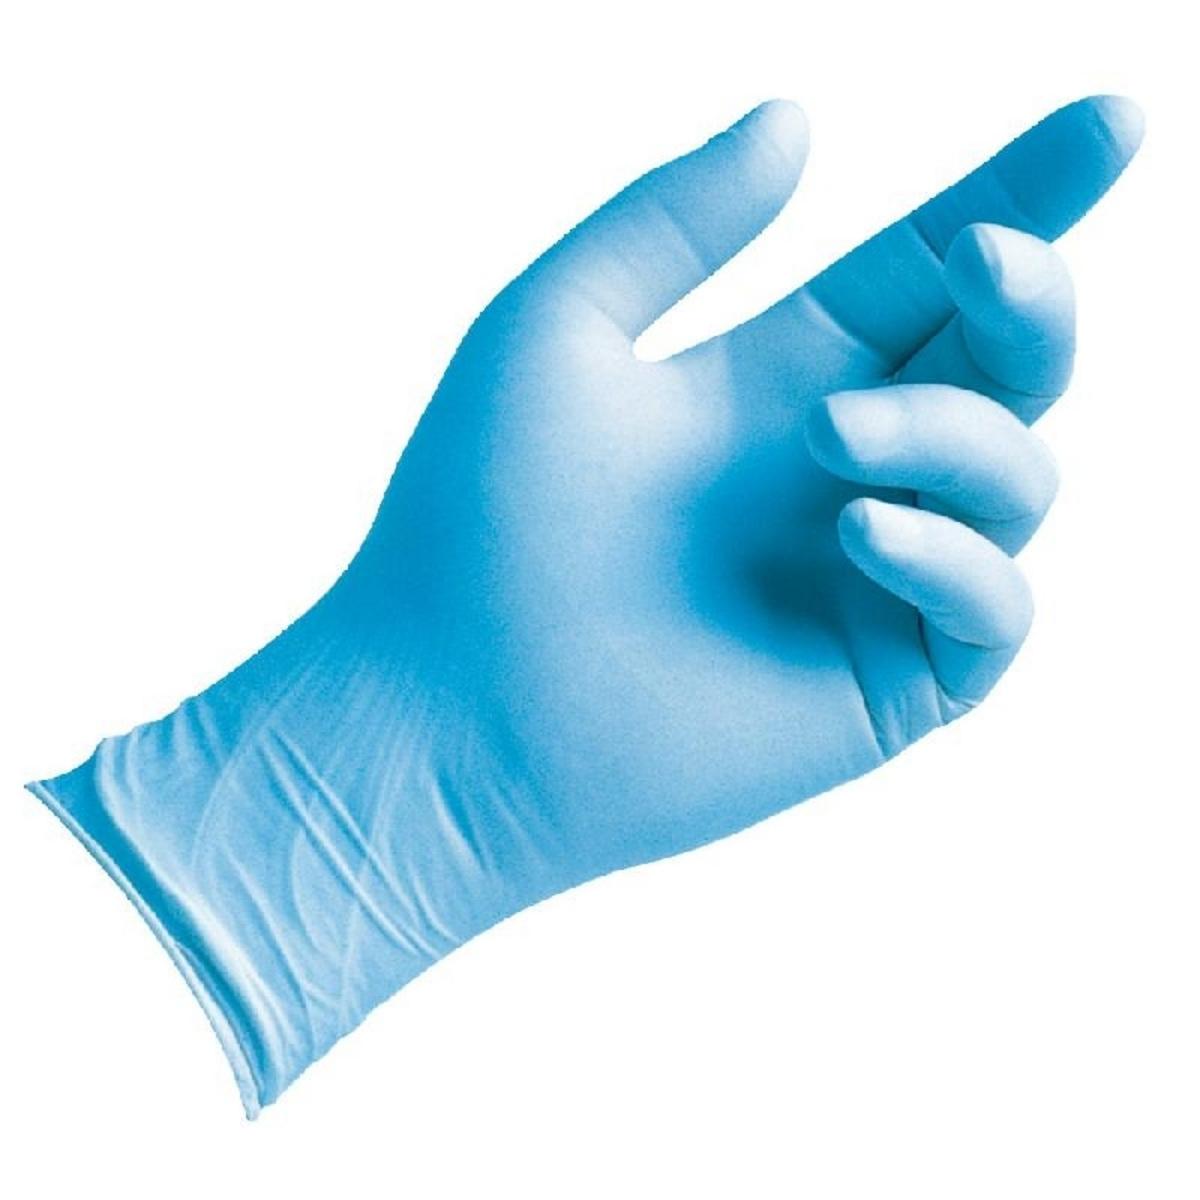 Gants nitrile bleu taille xl